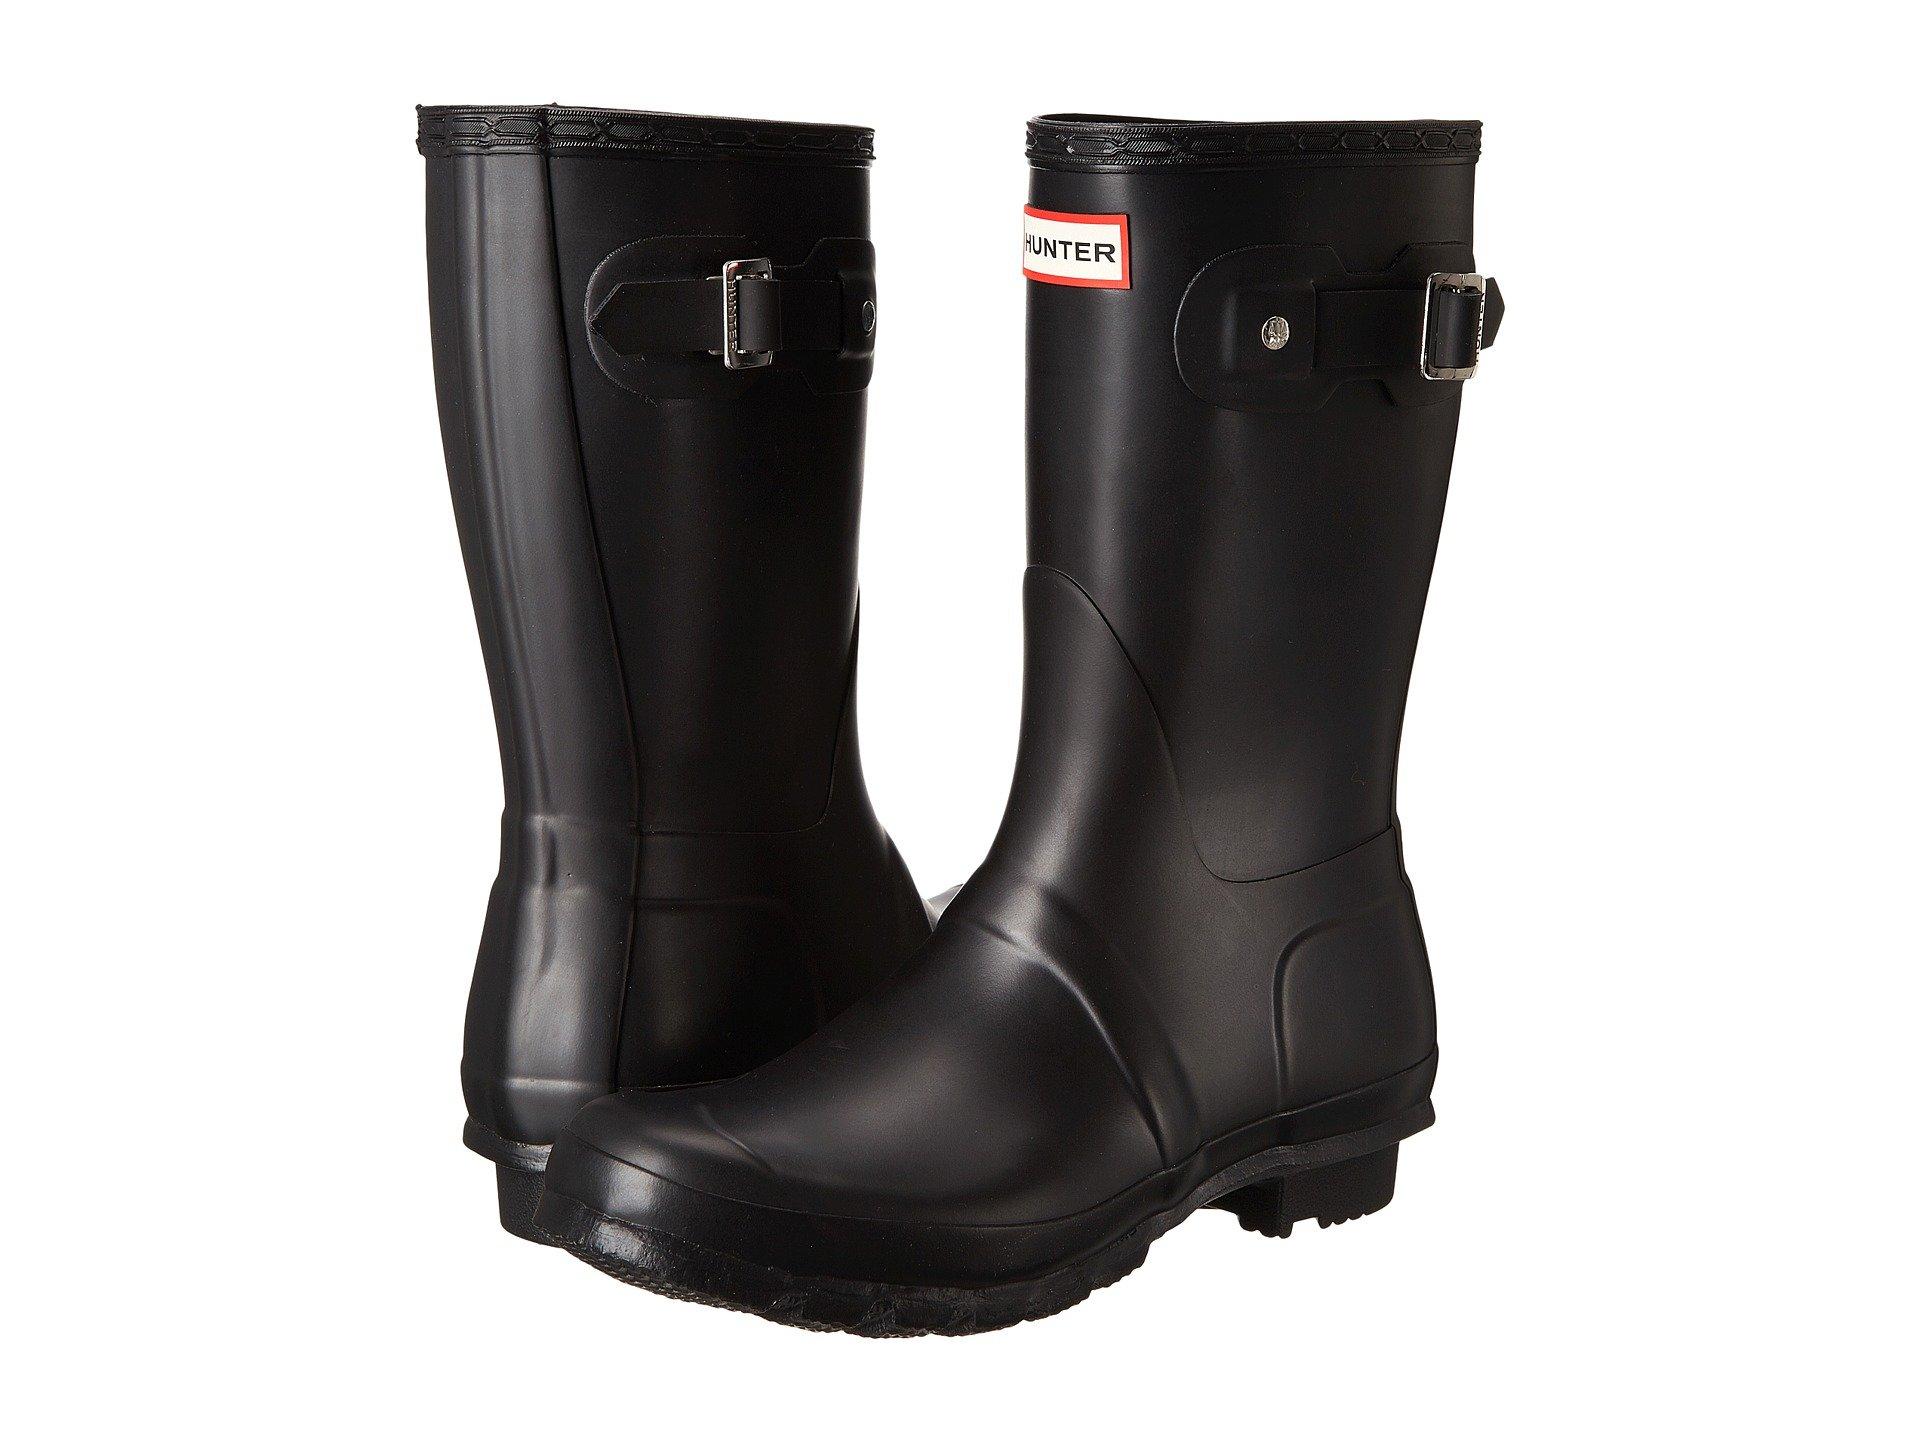 a755a39efa8861 Black Matte. 3191. Hunter. Original Short Rain Boots